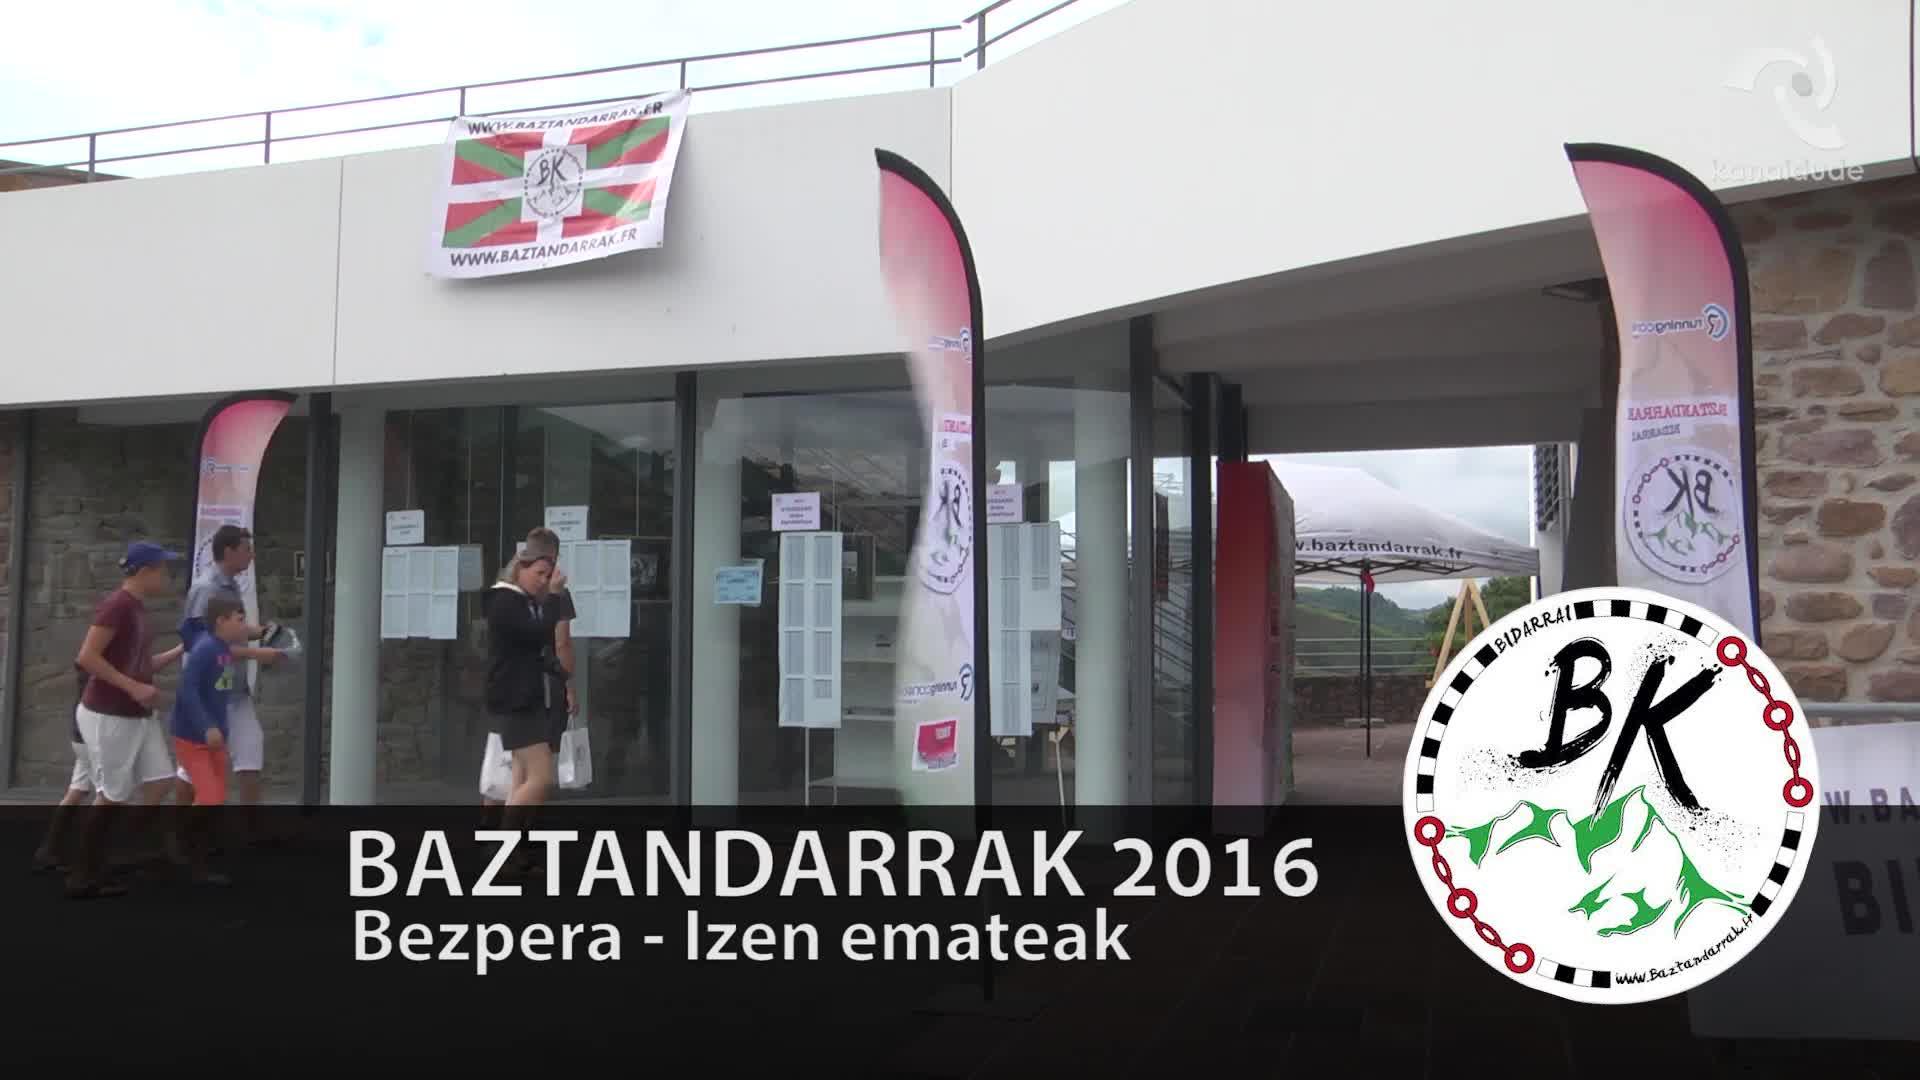 BAZTANDARRAK 2016 Elgarrizketak: Mikel Elorza